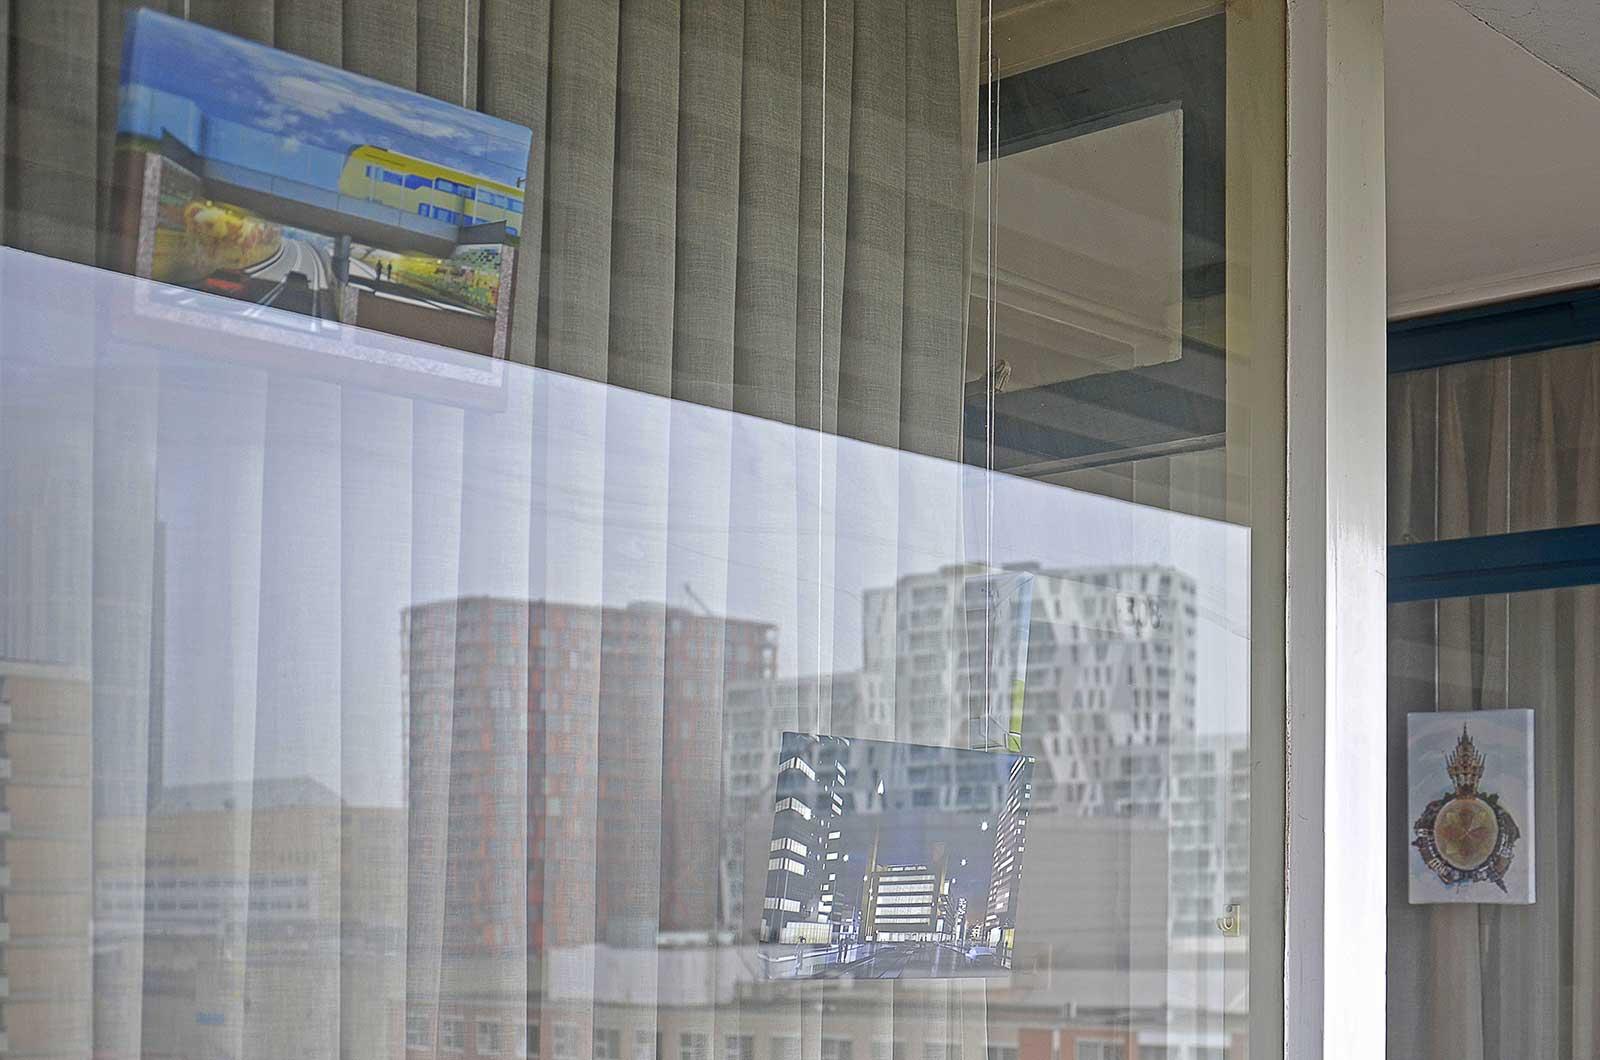 Tentoonstelling van het werk van Frans Blok in de galerijgalerie bij de bedrijfswoning van 3Develop, met reflectie van het Calypso-gebouw in het centrum van Rotterdam